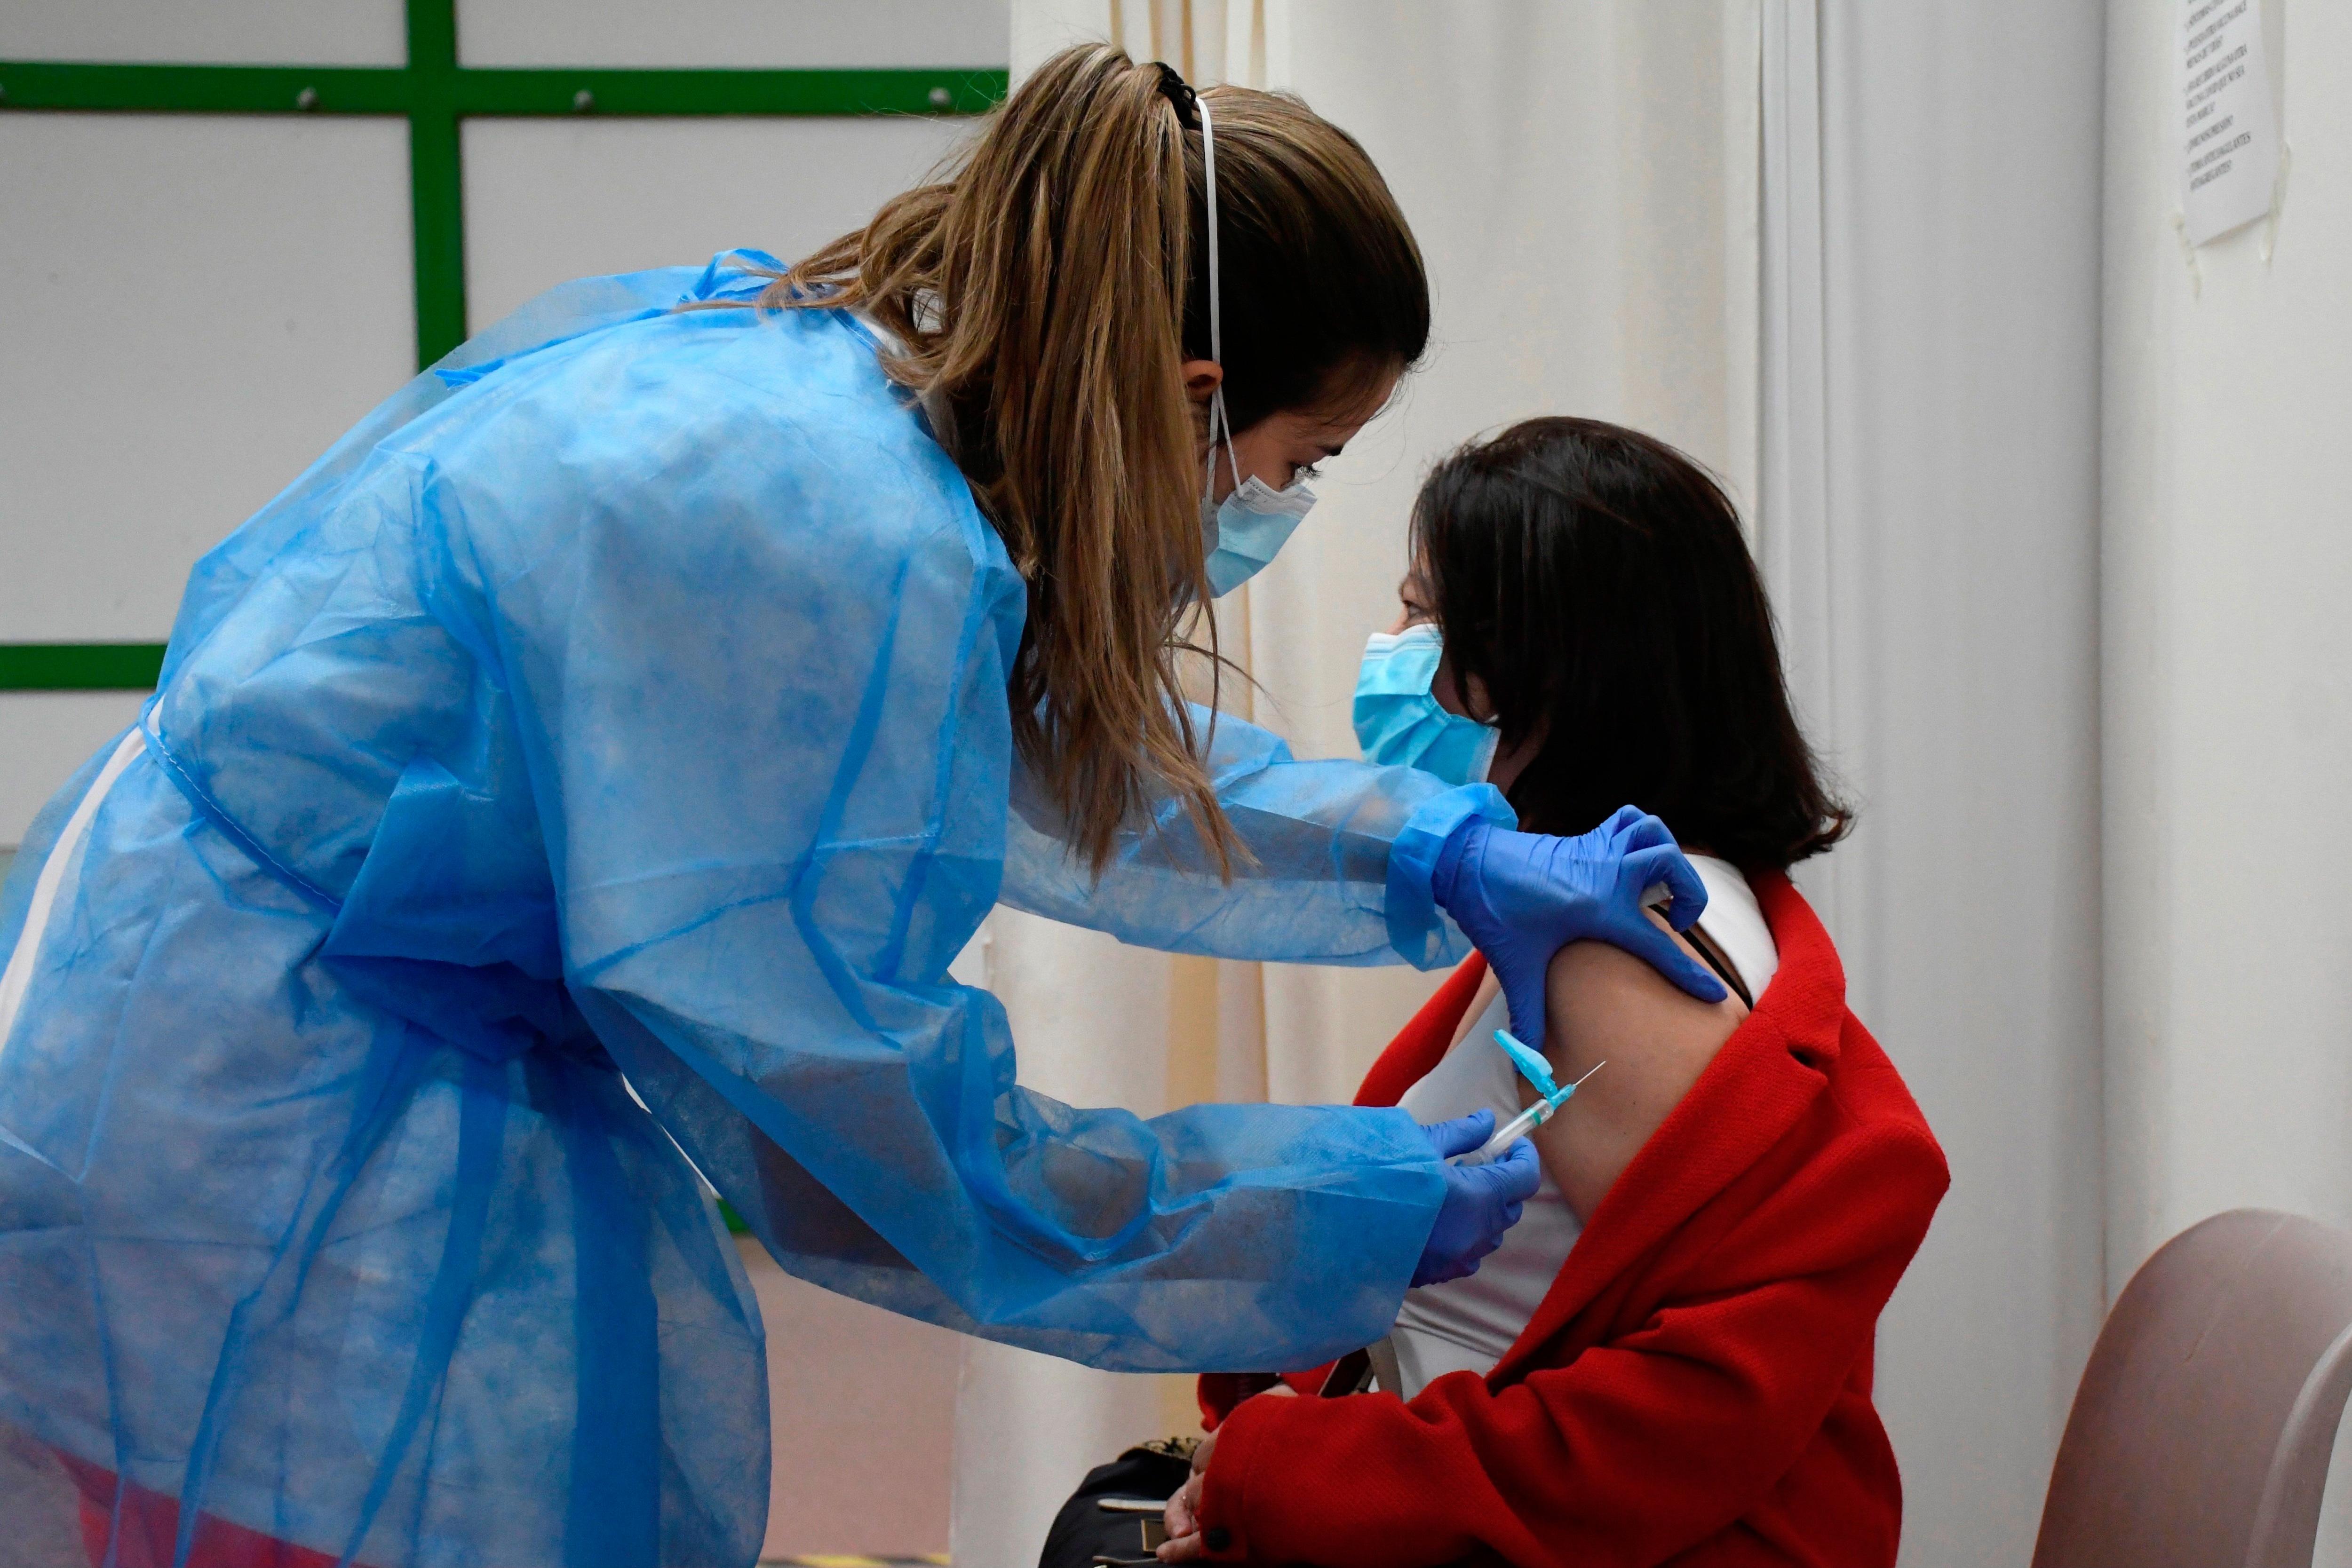 Las autoridades sanitarias danesas suspendieron de forma definitiva la vacuna de AstraZeneca contra la covid tras haber interrumpido su uso durante cinco semanas tras los los casos inusuales de trombosis en varios países europeos. EFE/ Pablo Martín/Archivo